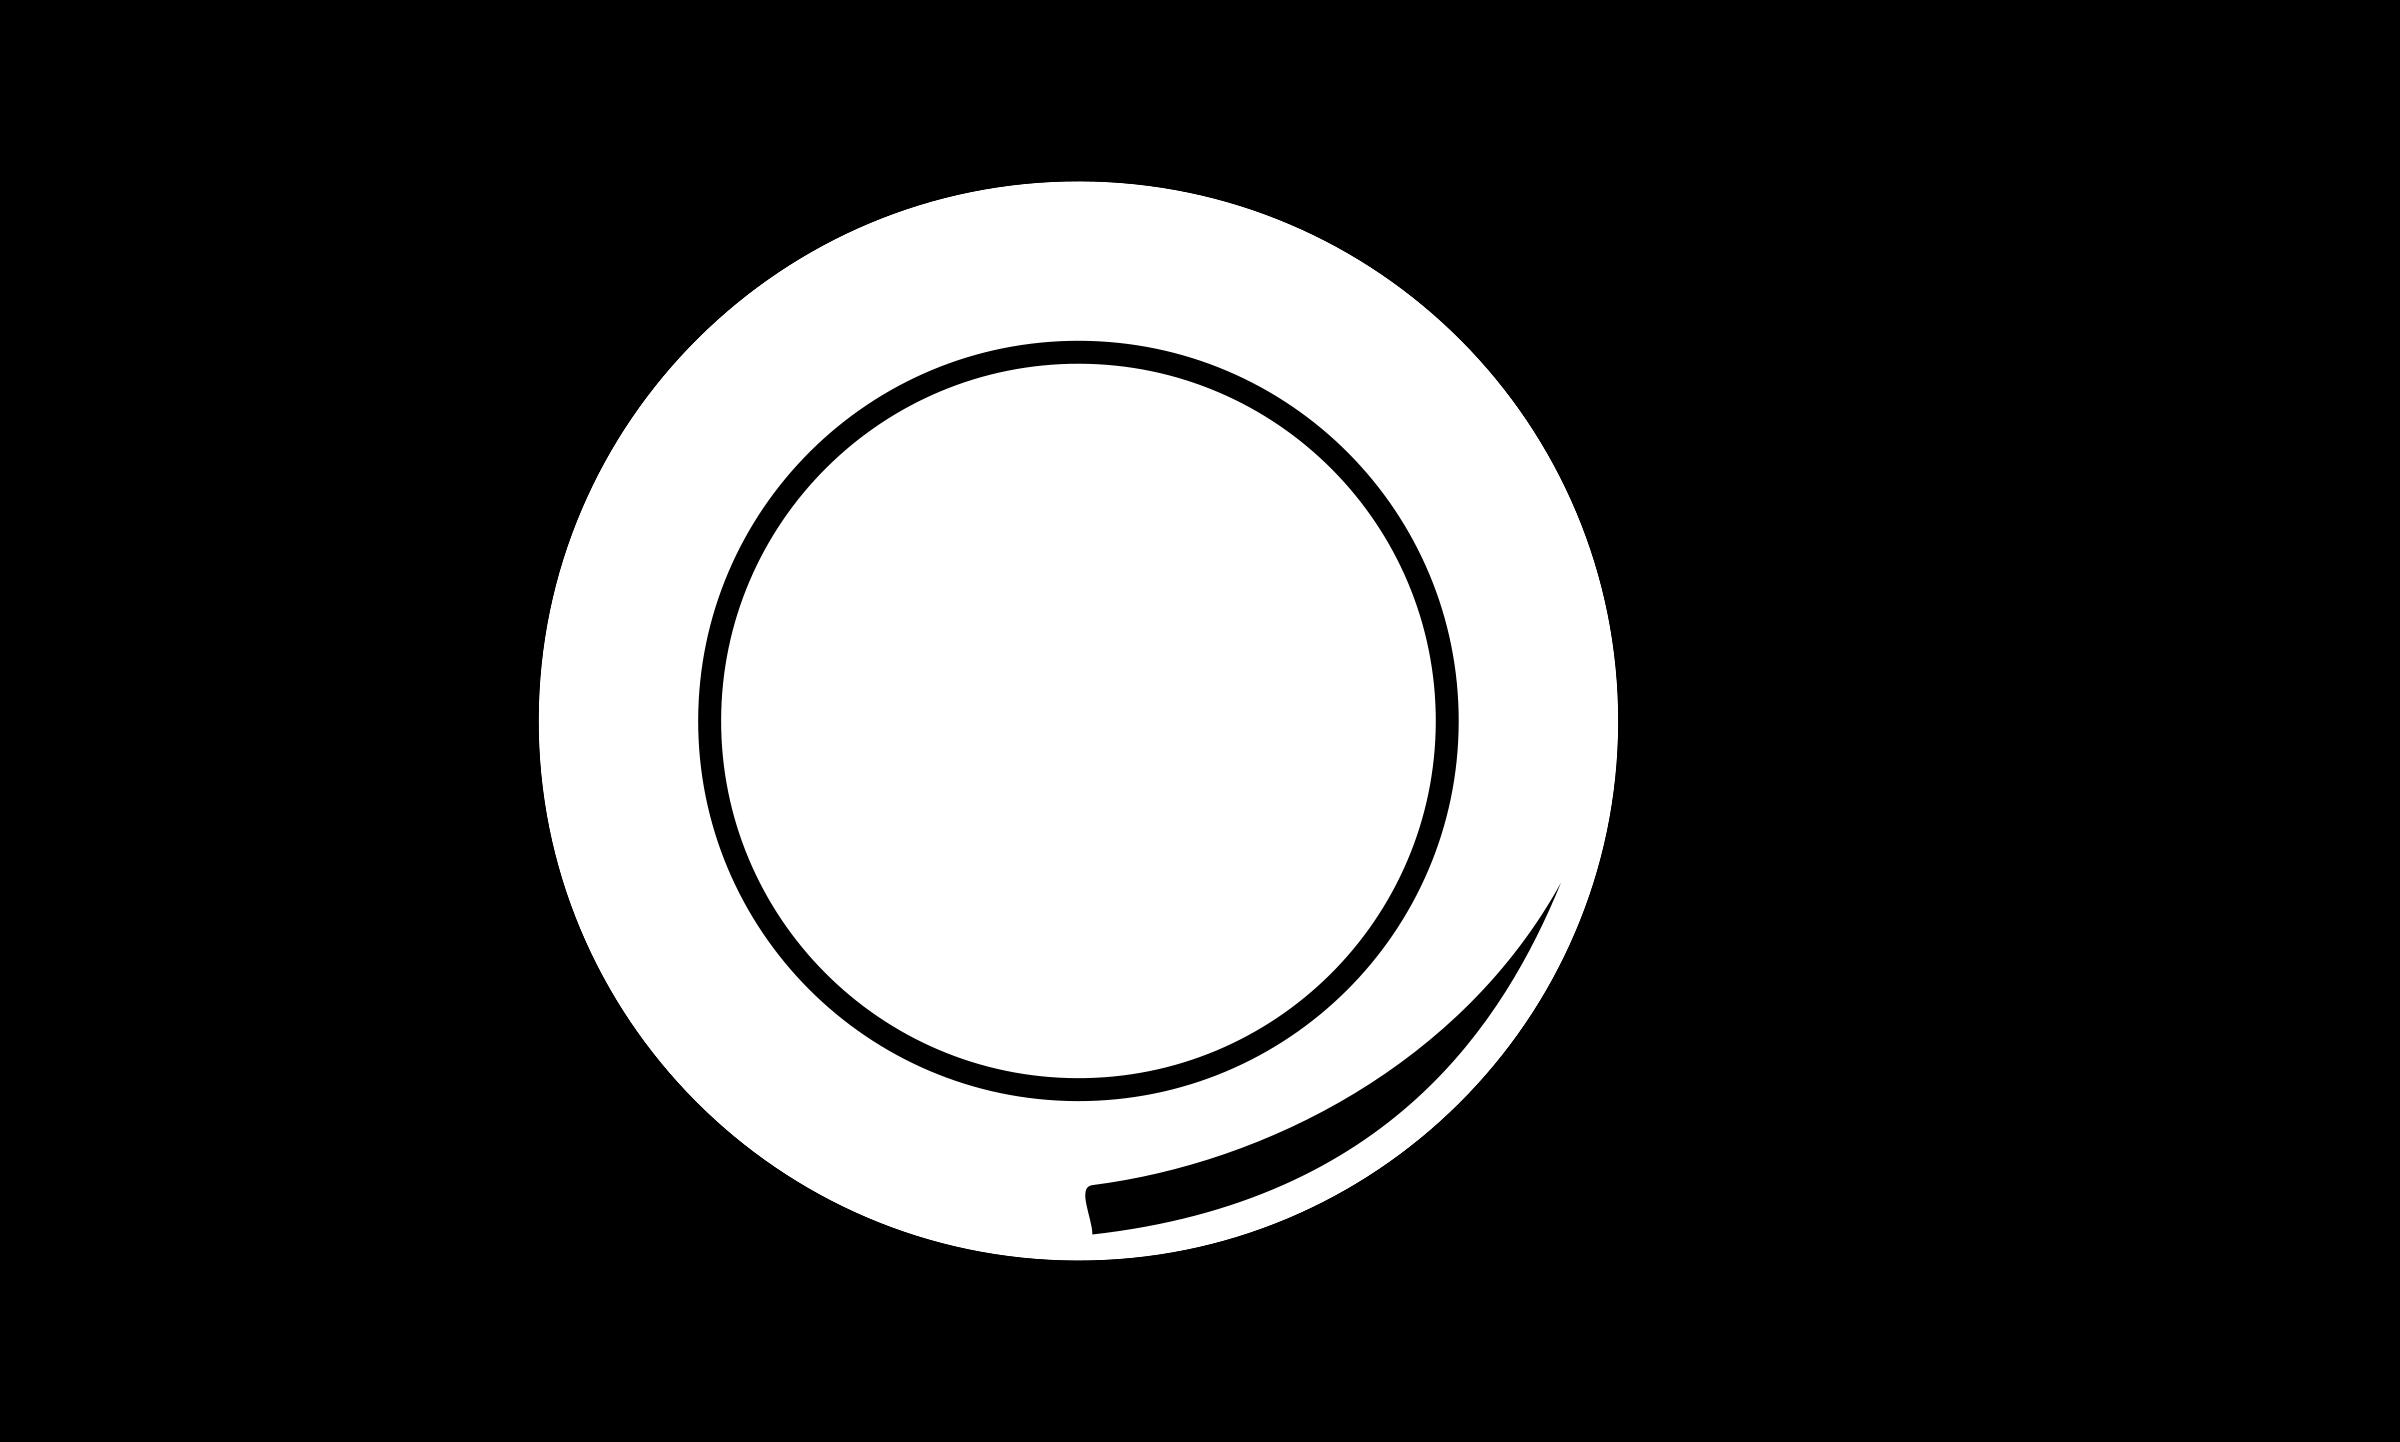 Selbst zeichnen logo